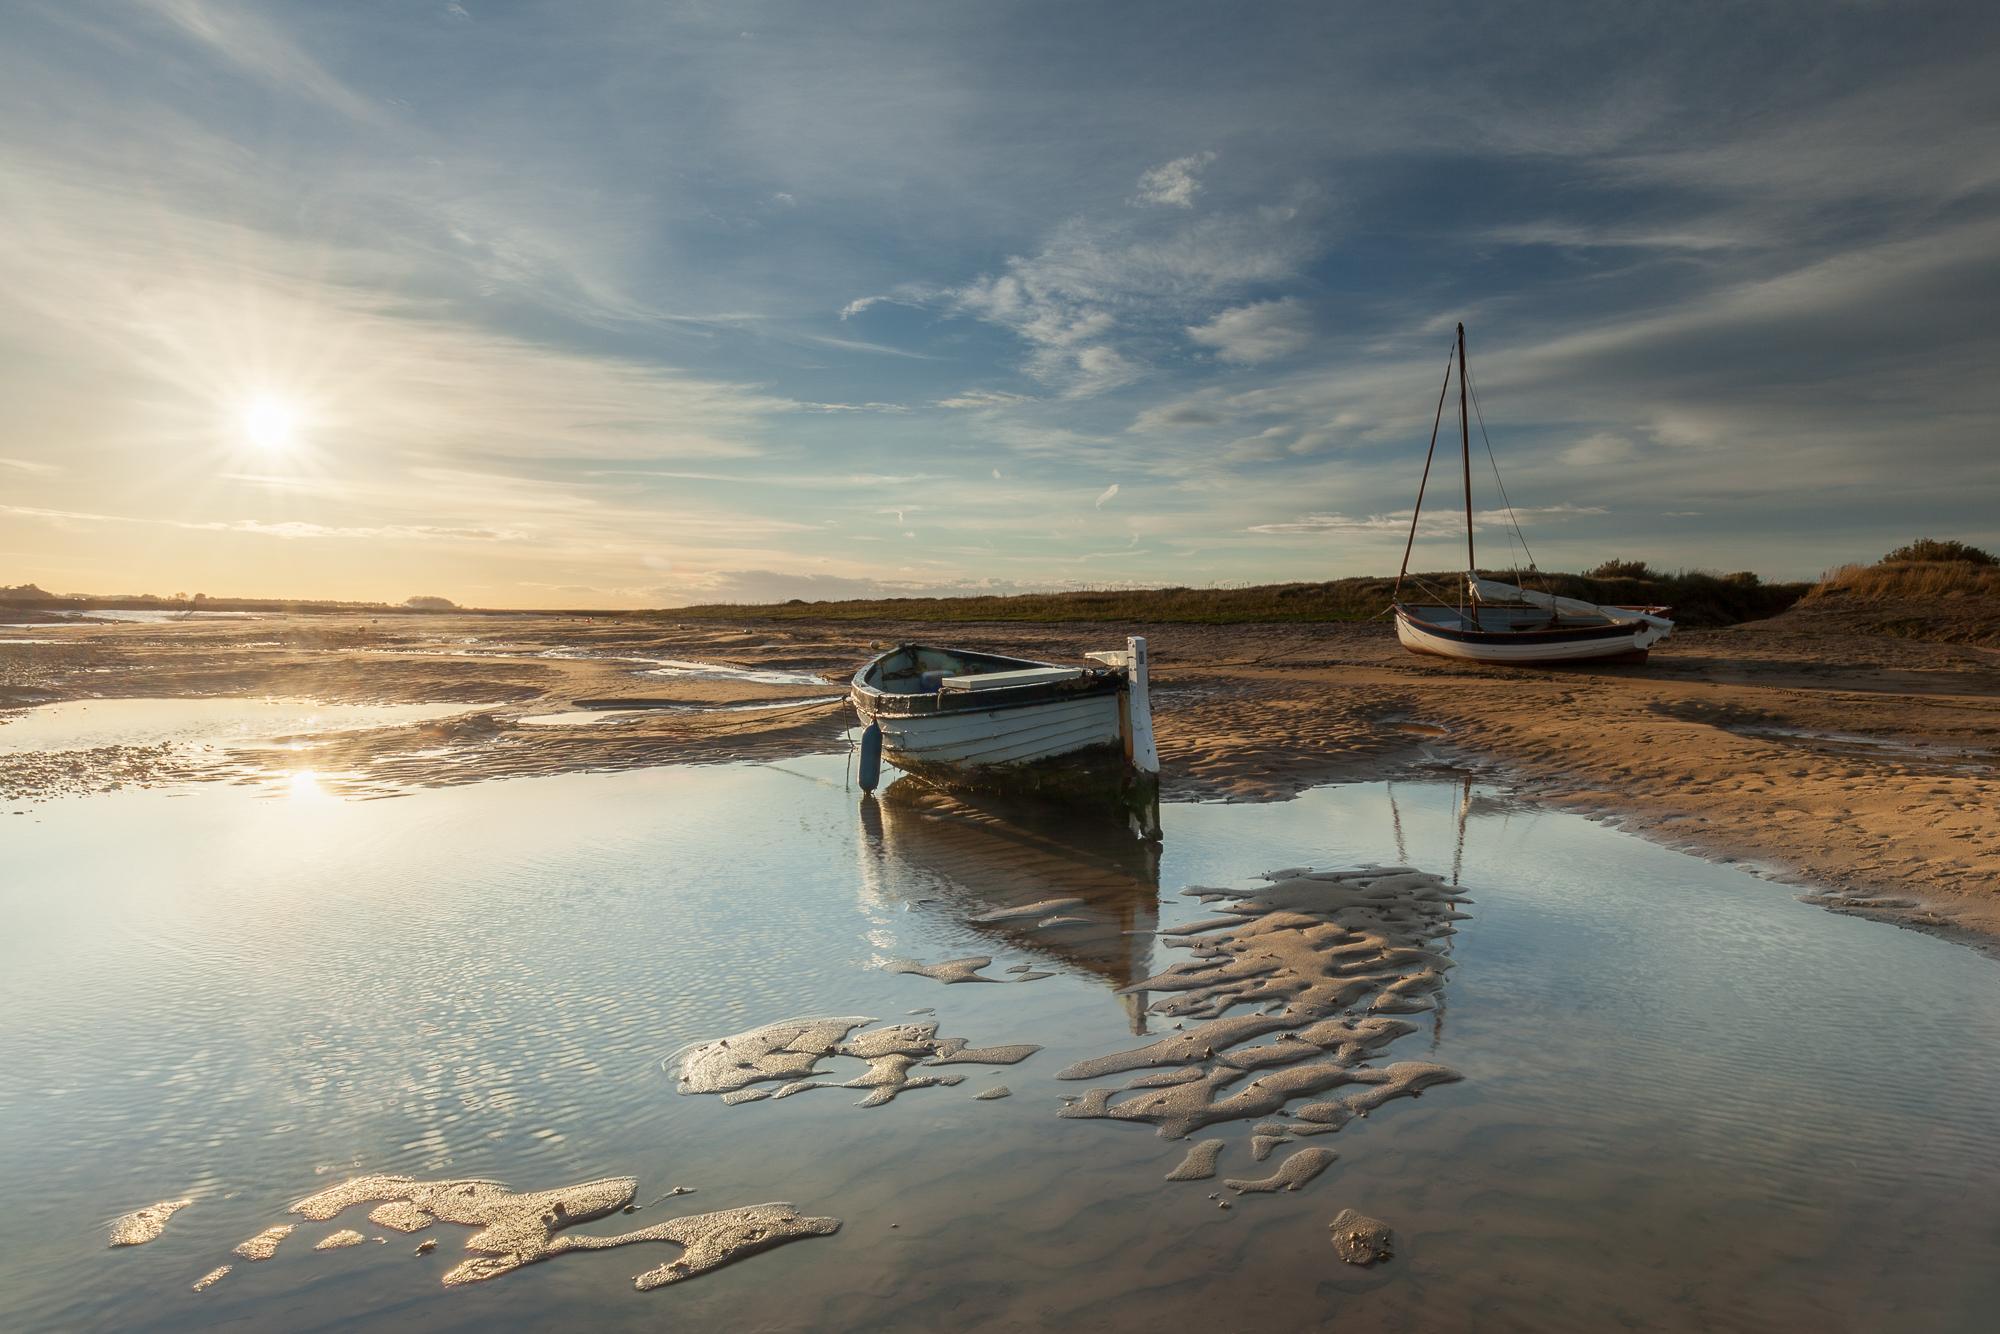 March - Burnham-Overy-Staithe, Norfolk